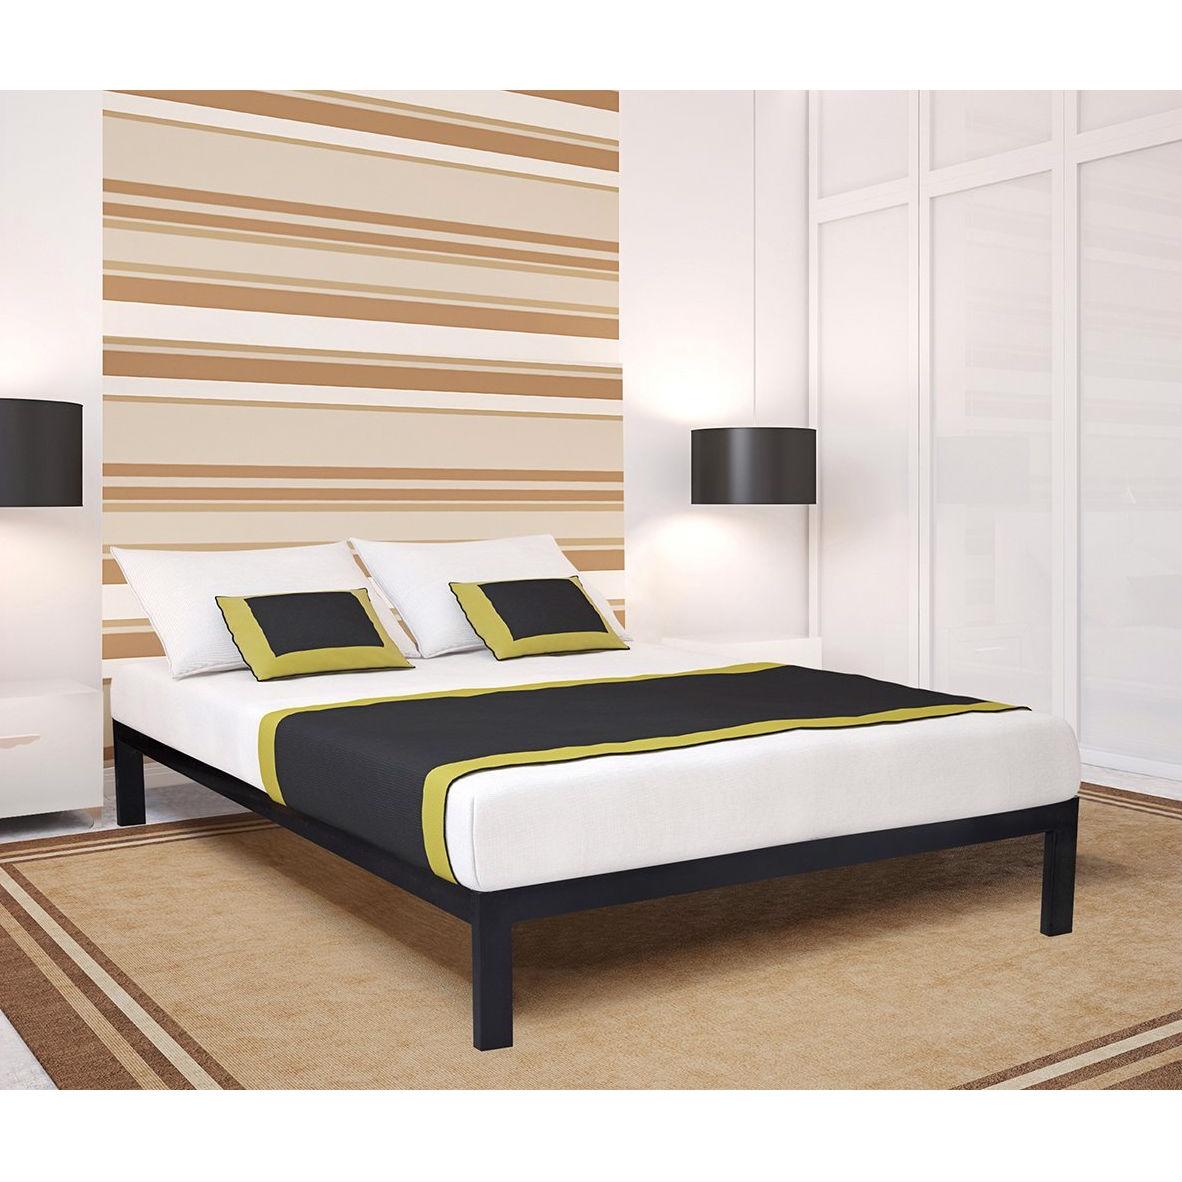 Full size Simple Black Metal Bed Frame Platform with Wooden Slats